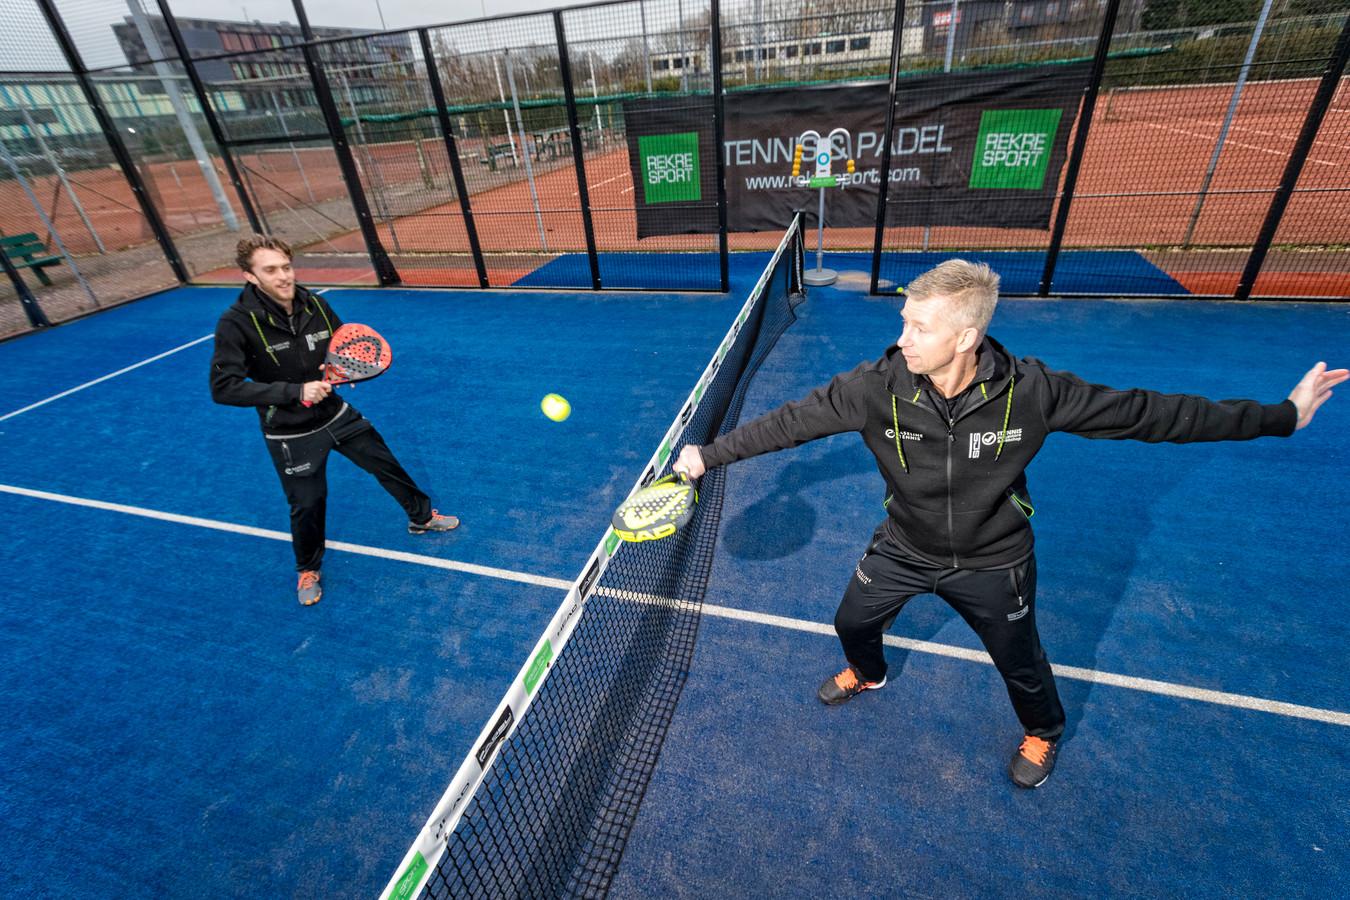 Op sportpark Nieuwer Sloot wordt padel gespeeld. Yorick de Lange (45) r en Sven Boele (23) spelen padel bij Baseline tennis en Padel